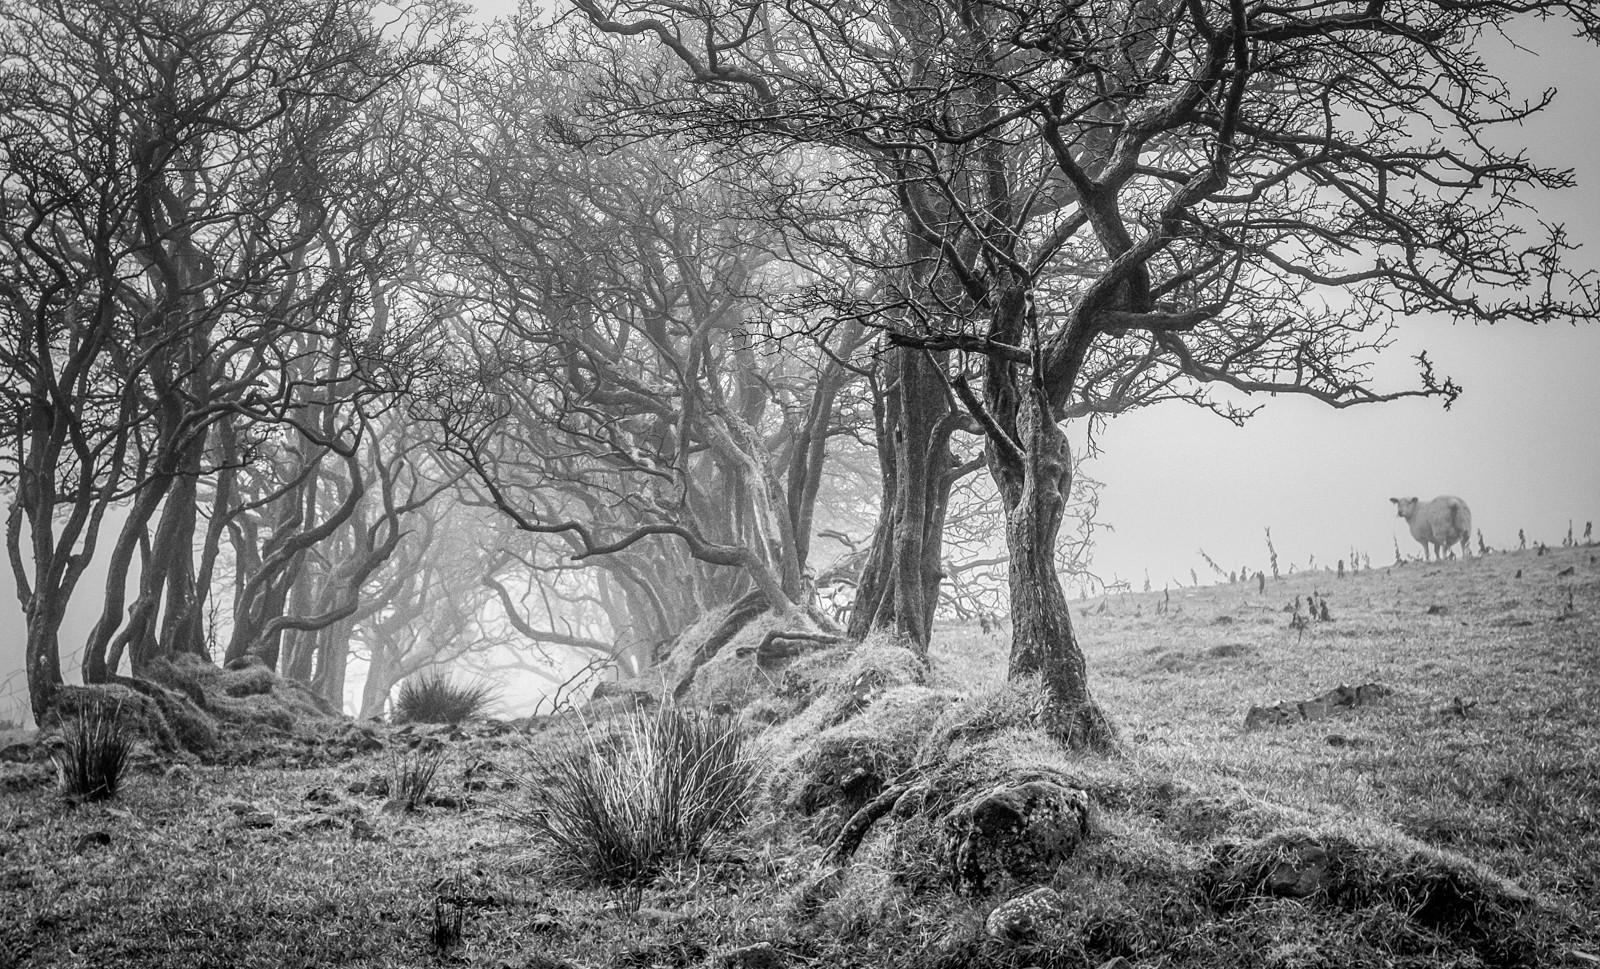 MONO - Misty Sheep by Nigel Bell (8 marks)